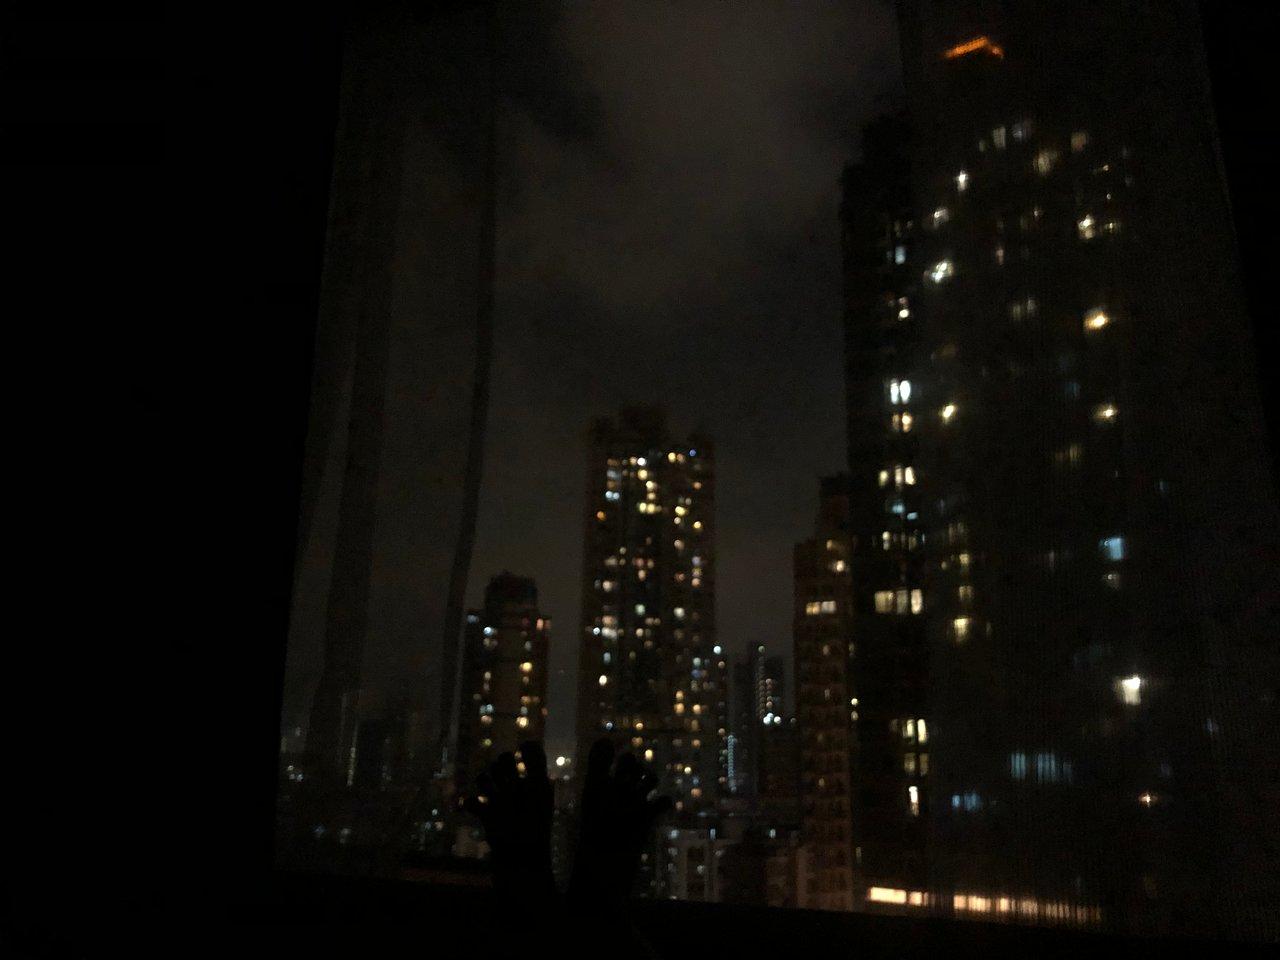 paikkoja kytkeä Hong Kongpomona kytkennät